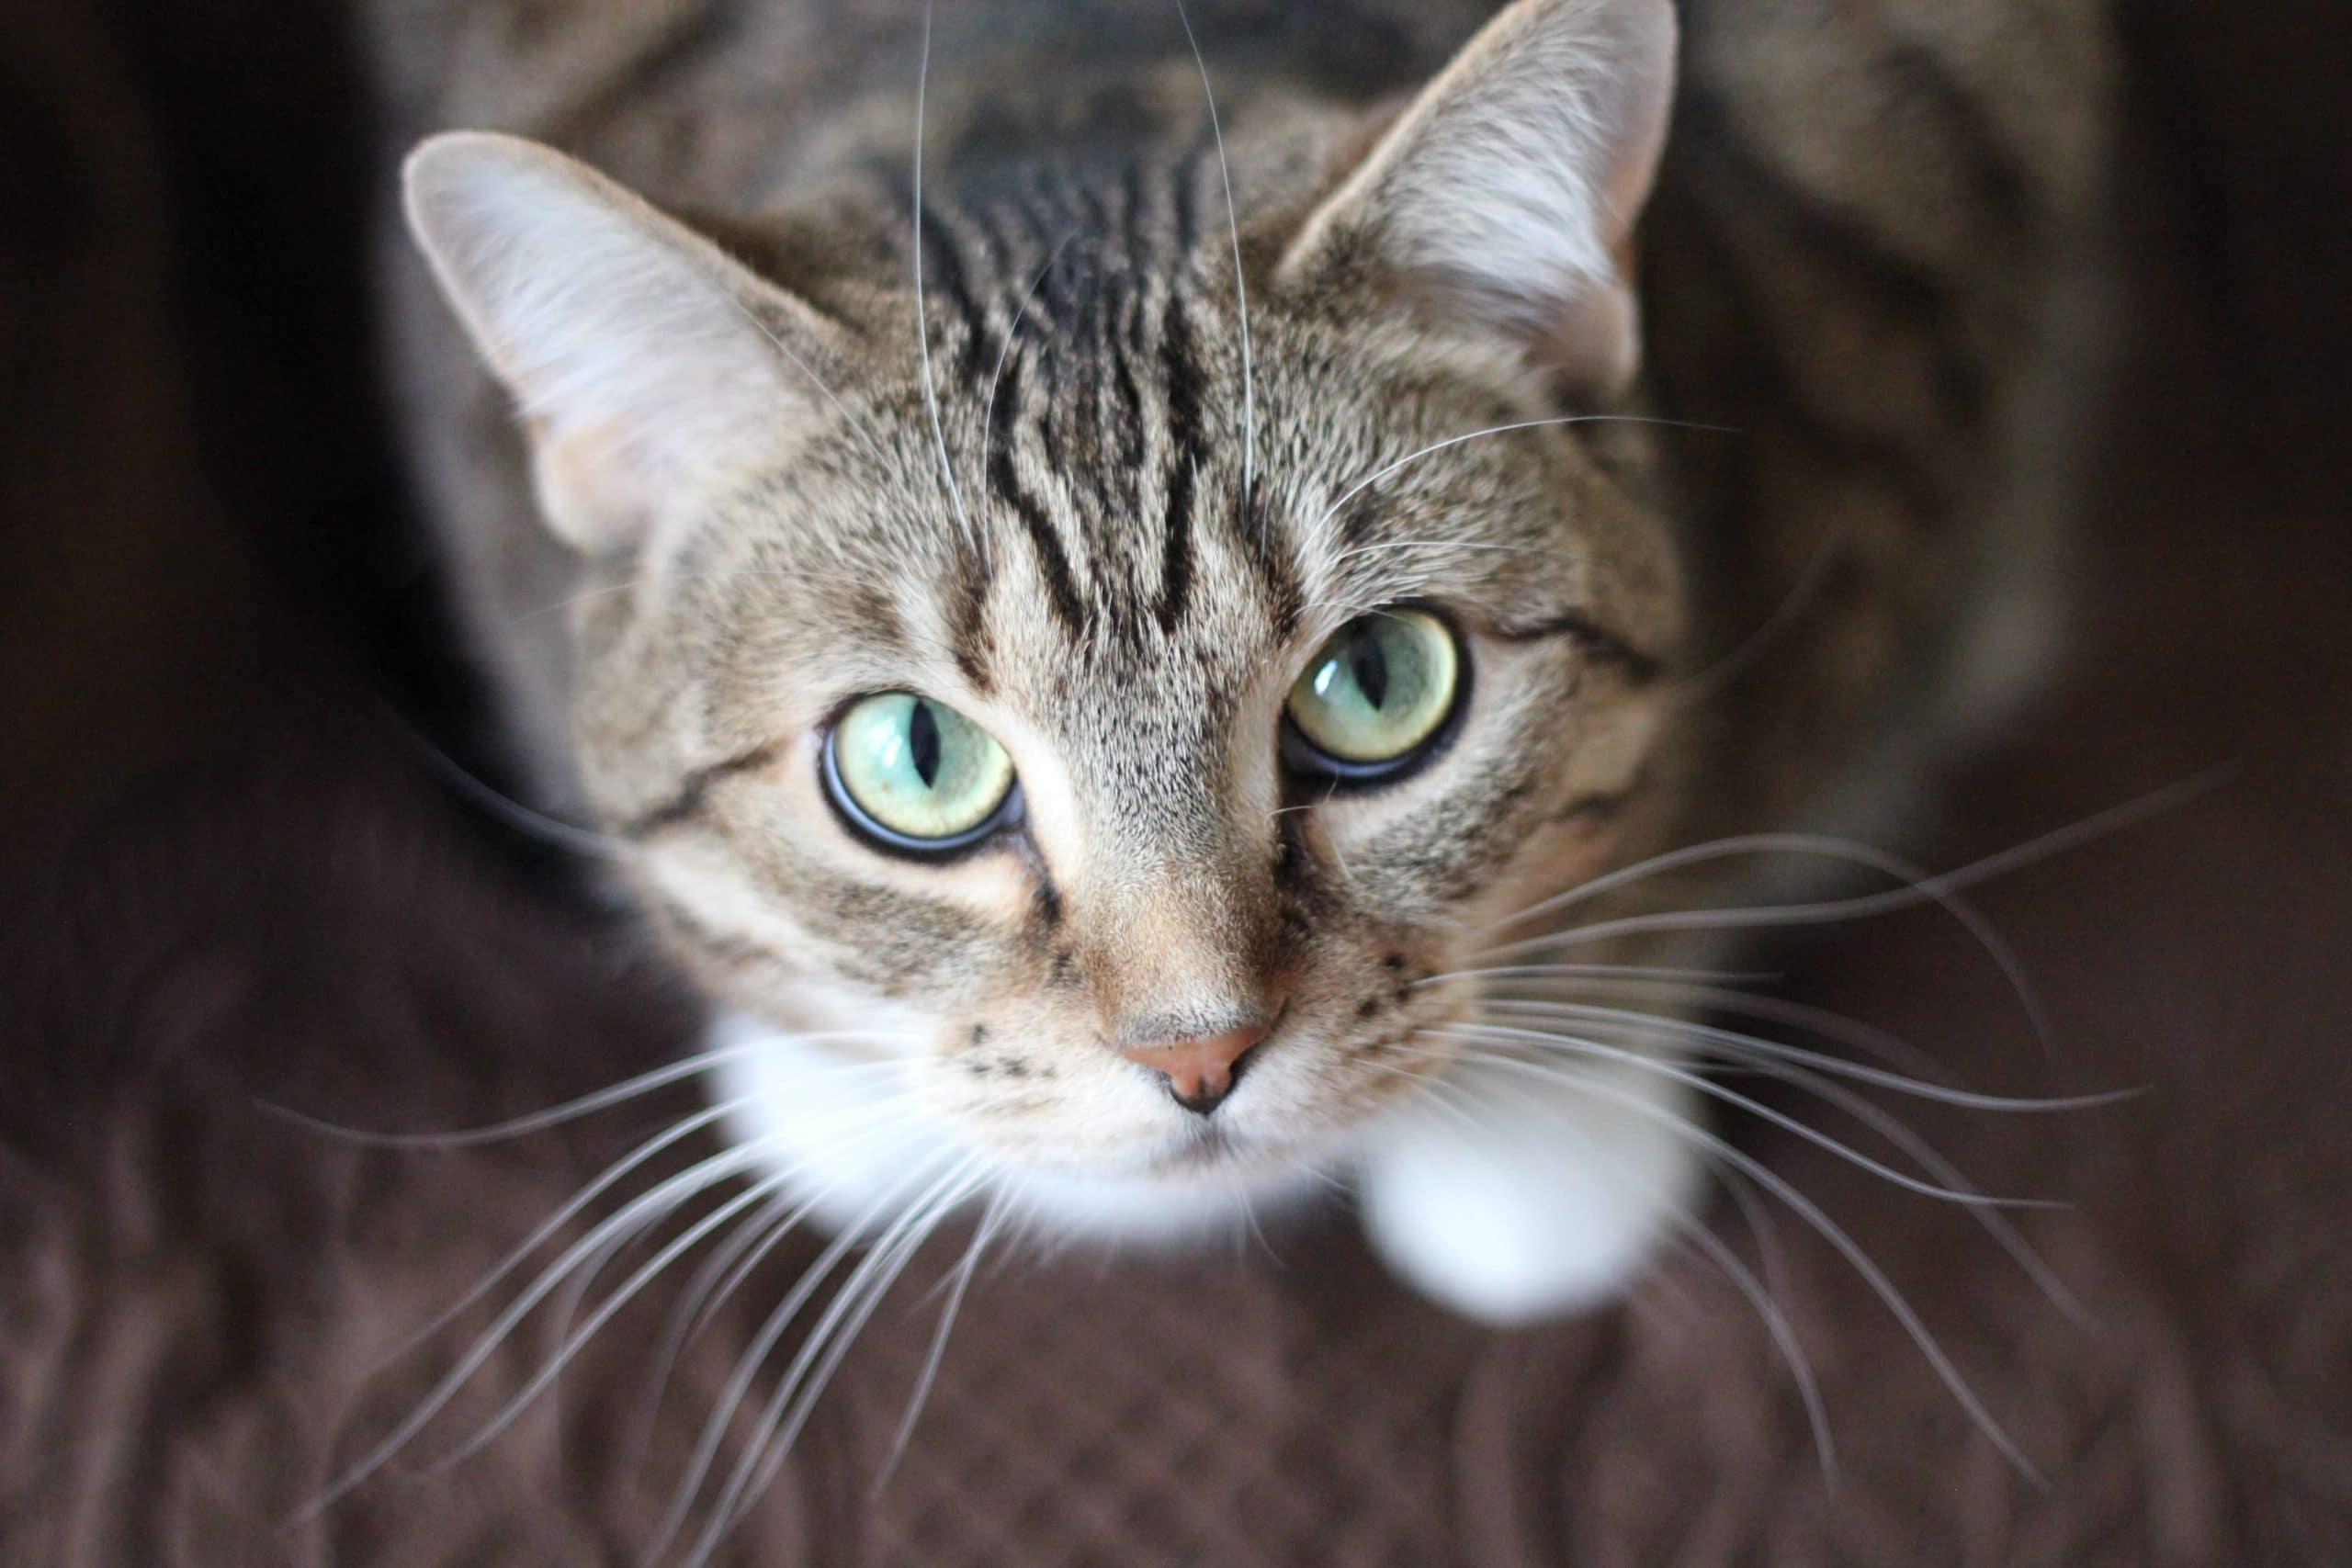 Tras una separación, hay que hablar con el ex para decidir con quién se queda el gato